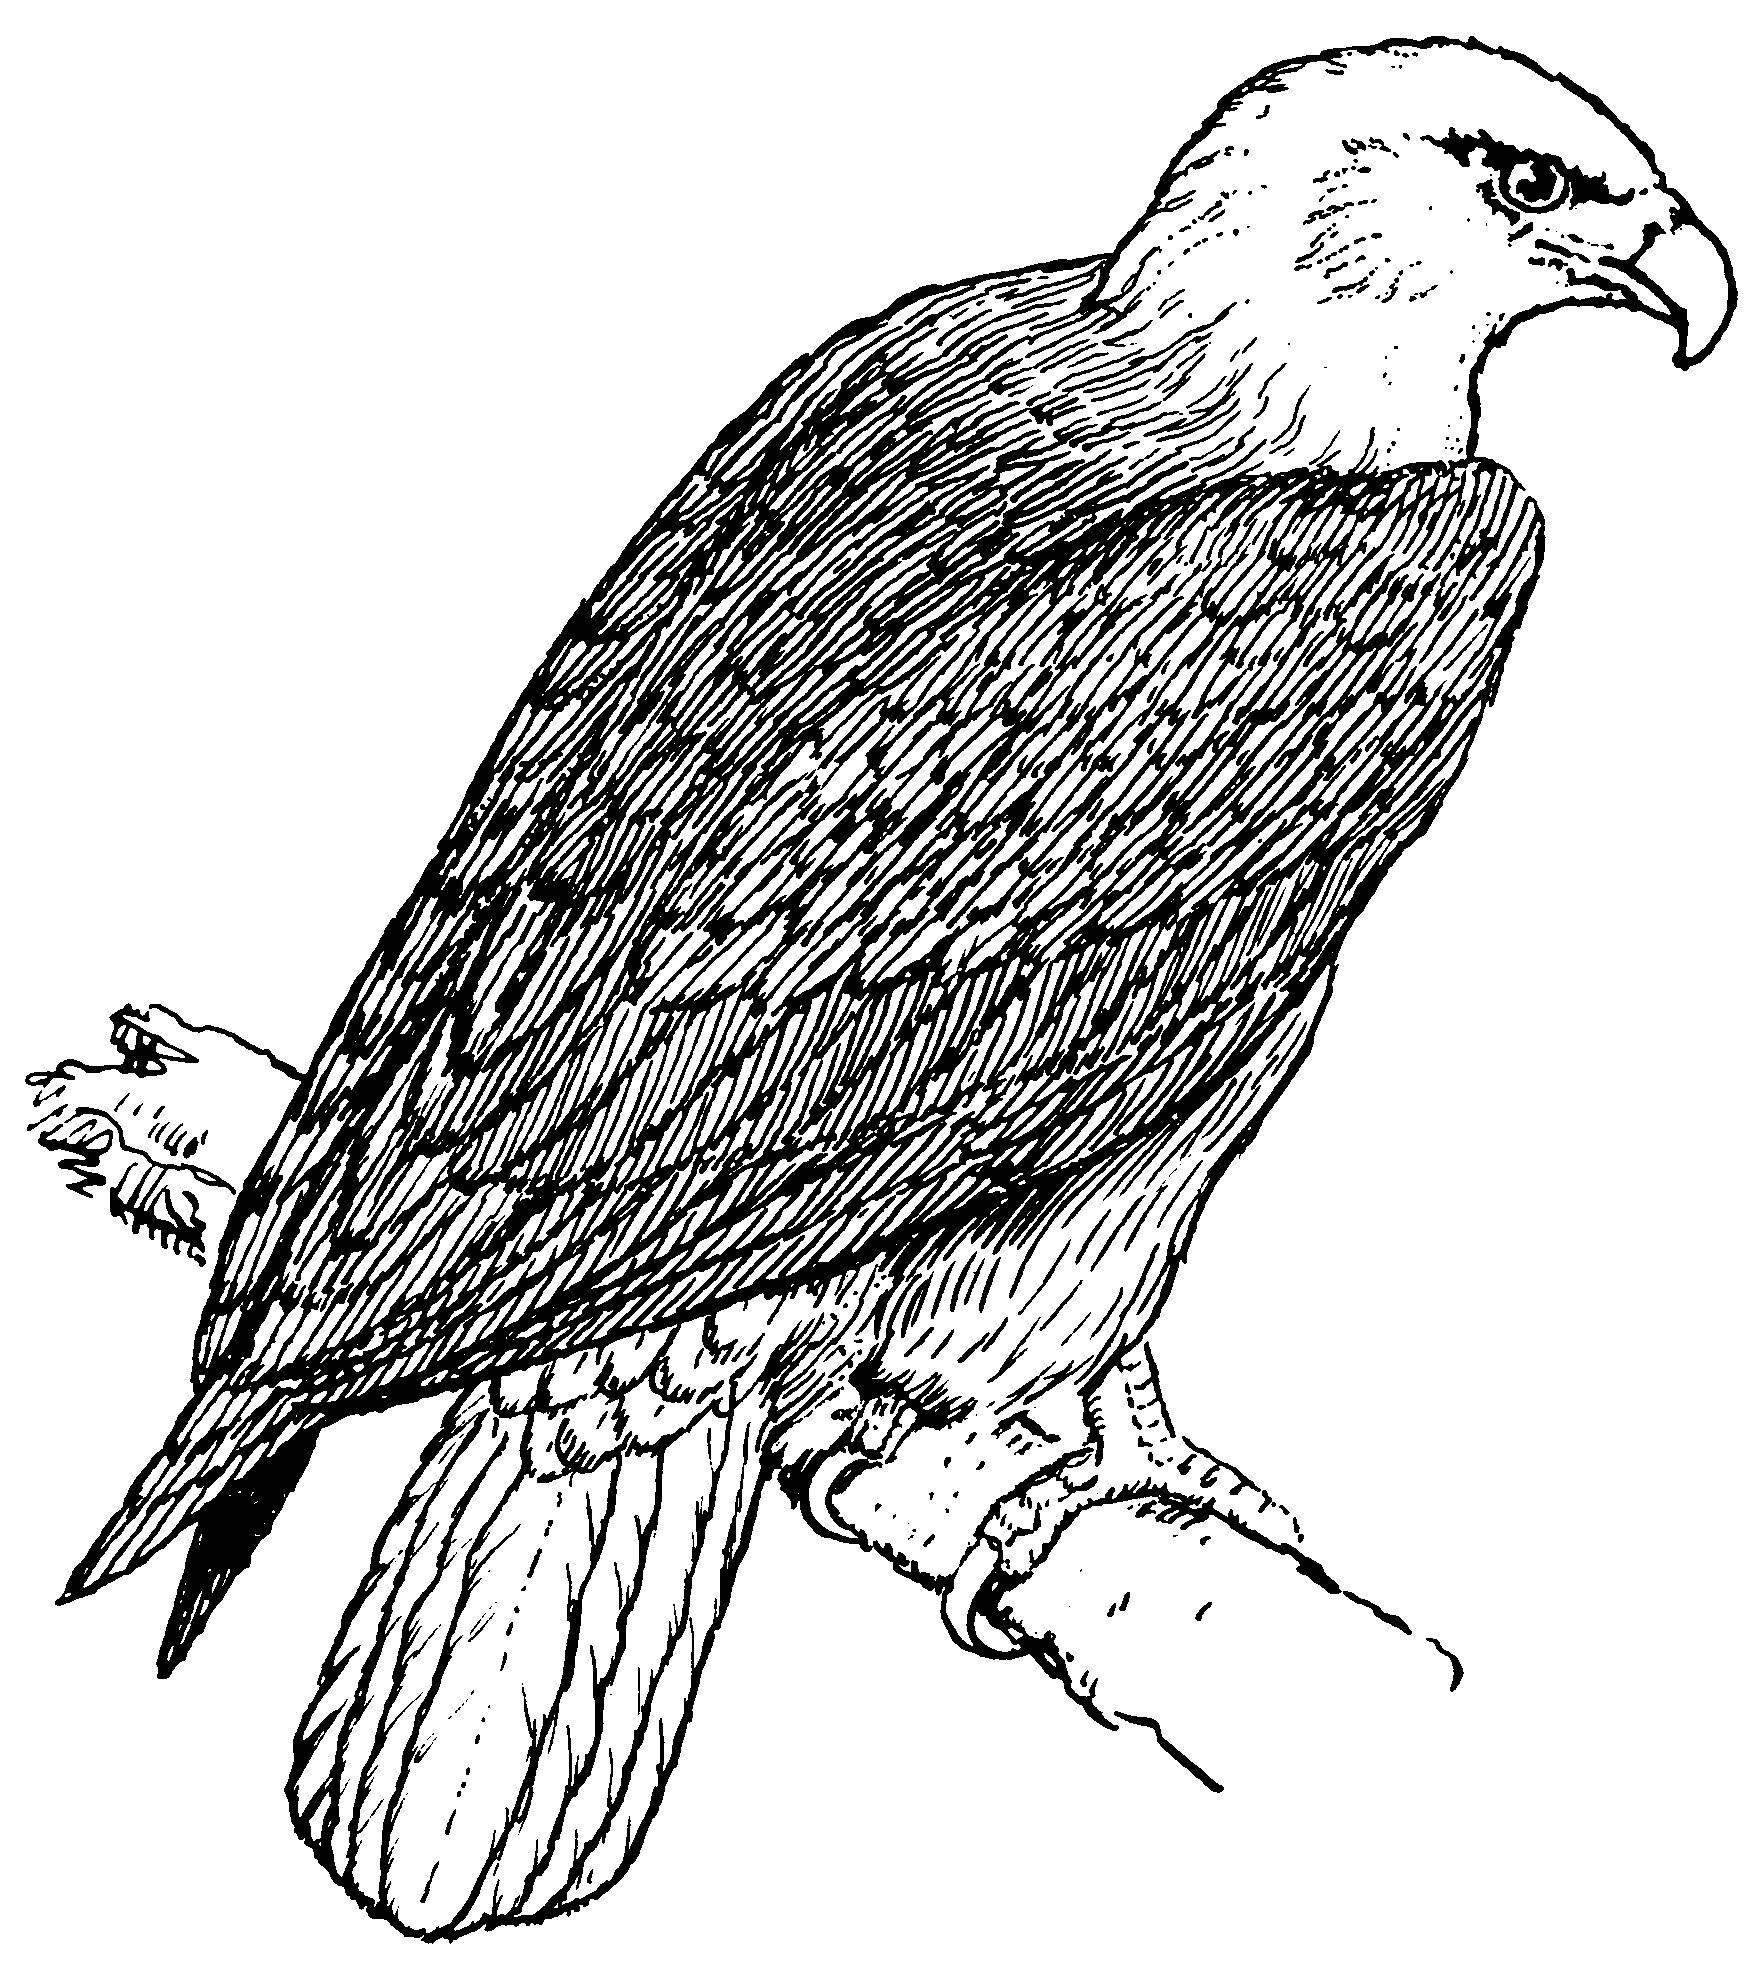 Coloriage Aigle À Imprimer Pour Les Enfants - Cp00507 pour Coloriage Aigle A Imprimer Gratuit